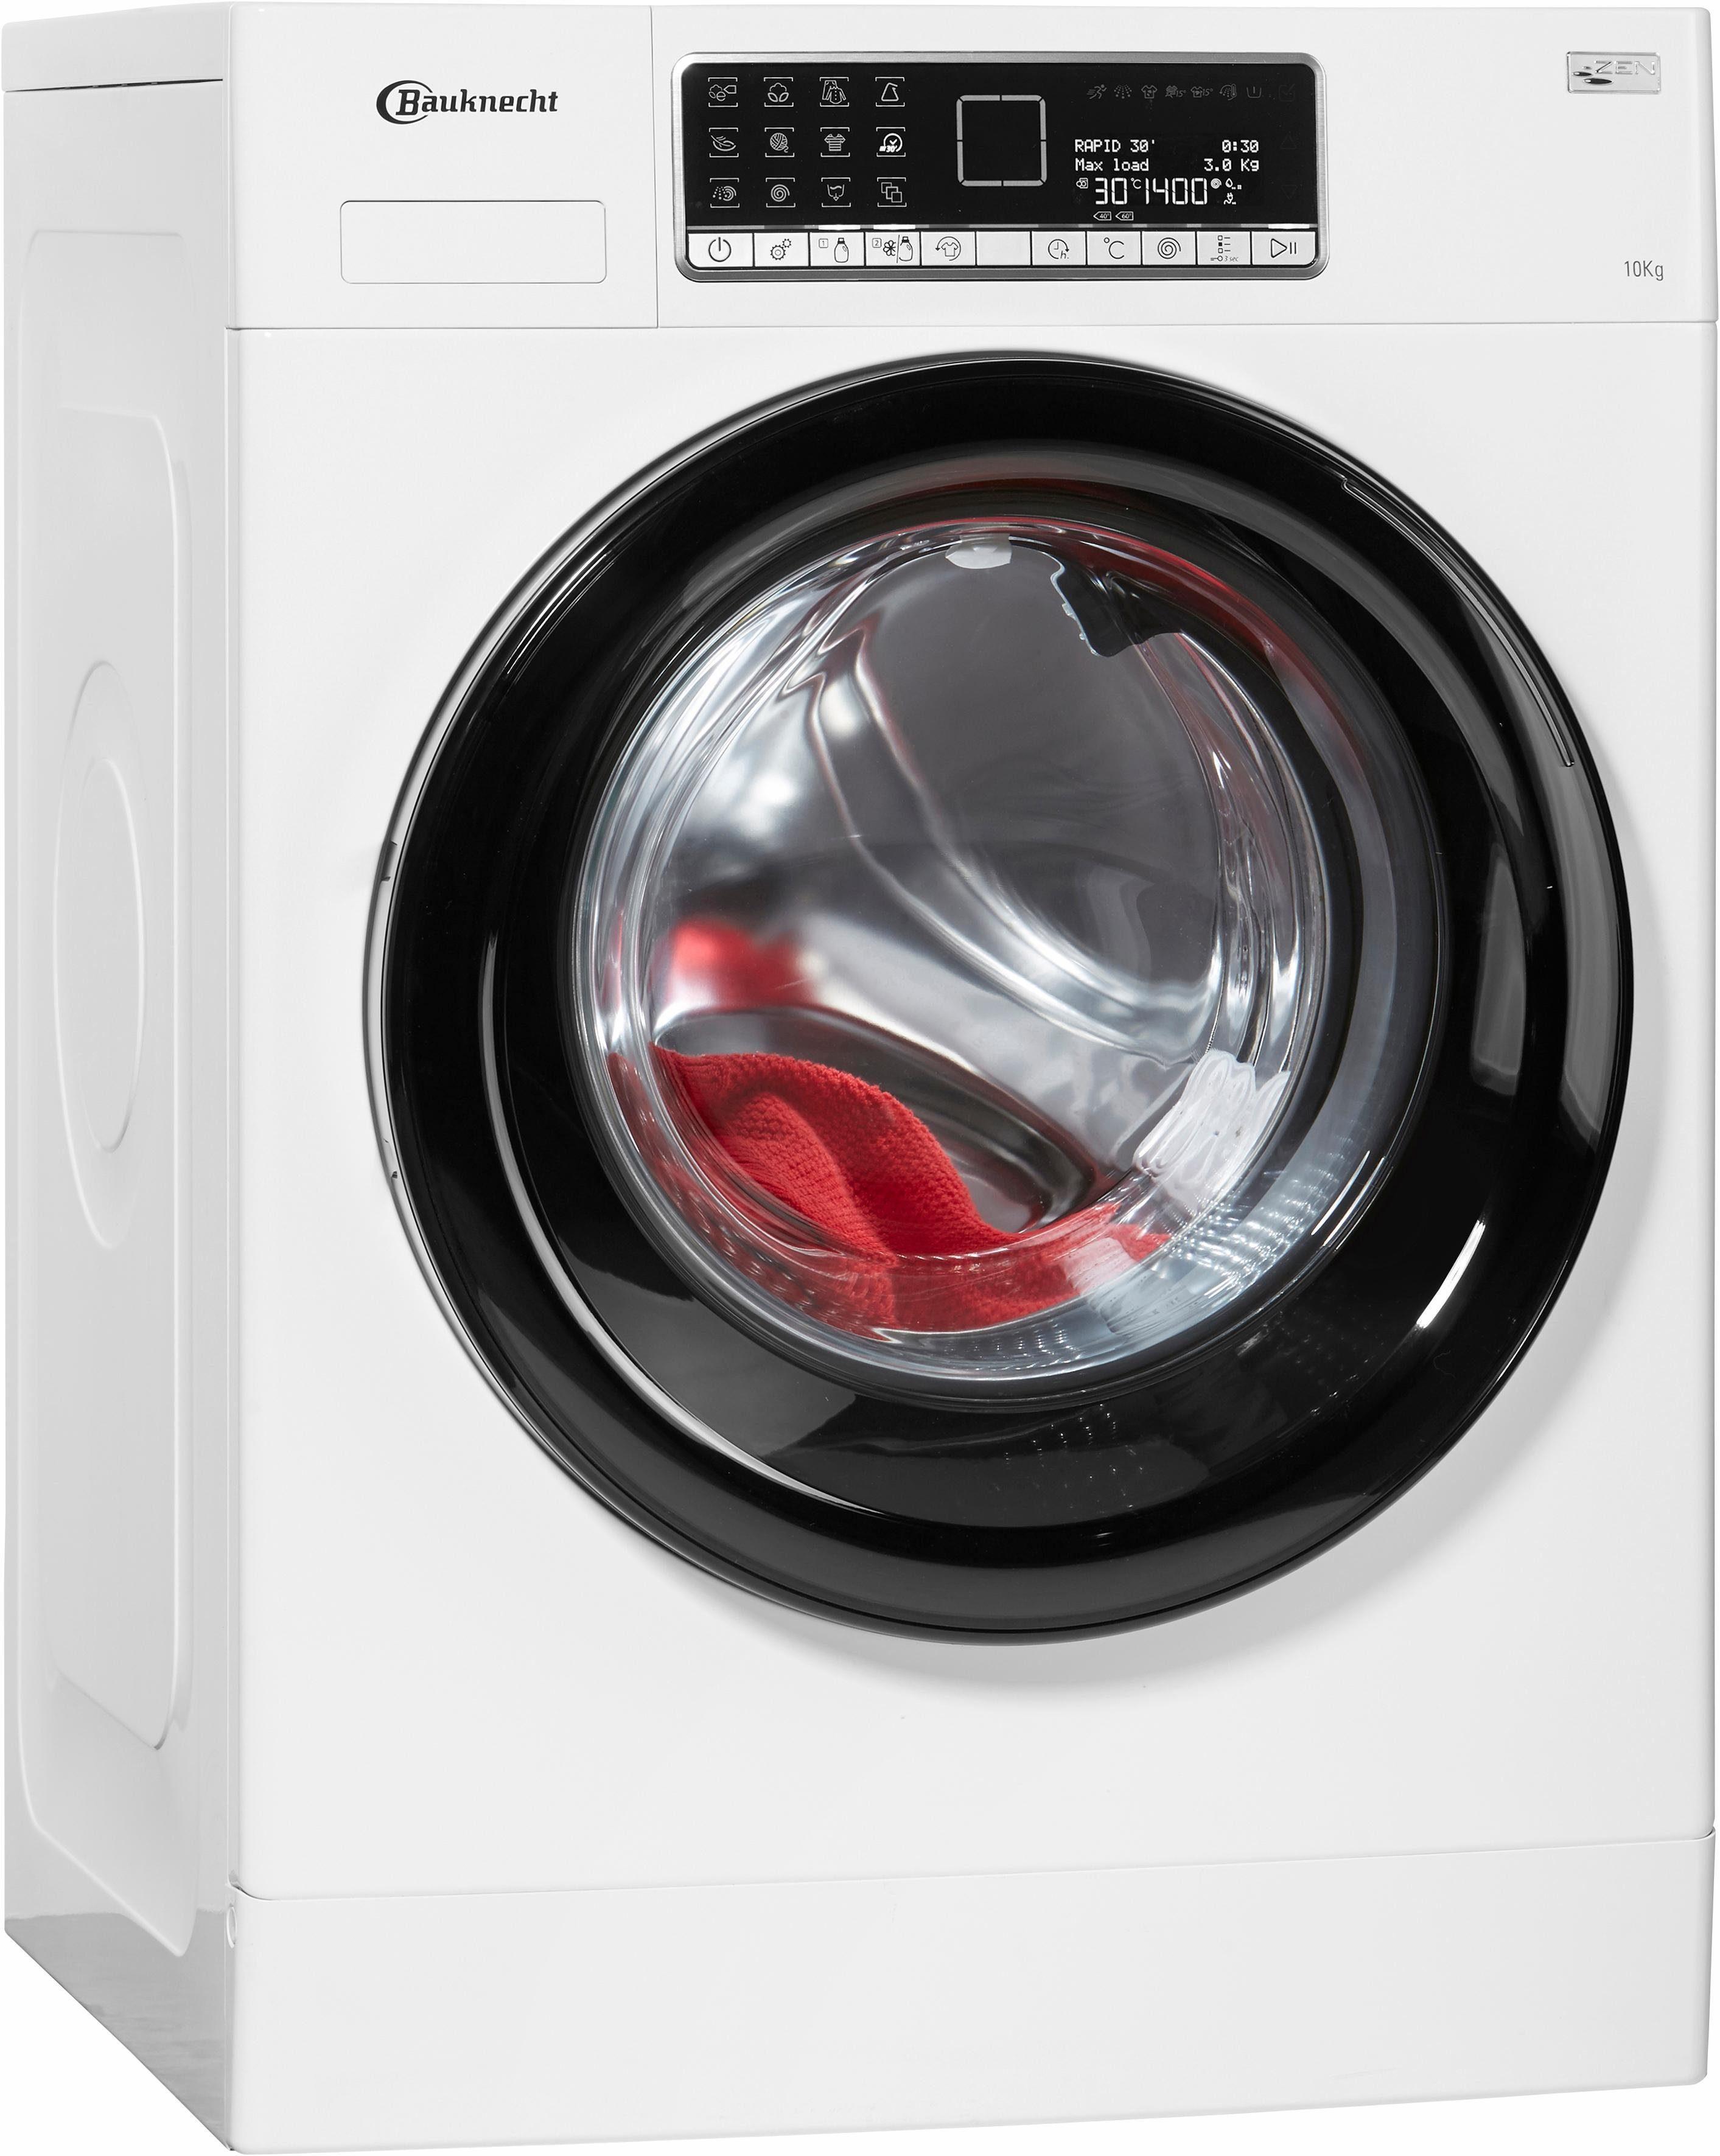 BAUKNECHT Waschmaschine WM Style 1024 ZEN, A+++, 10 kg, 1400 U/Min